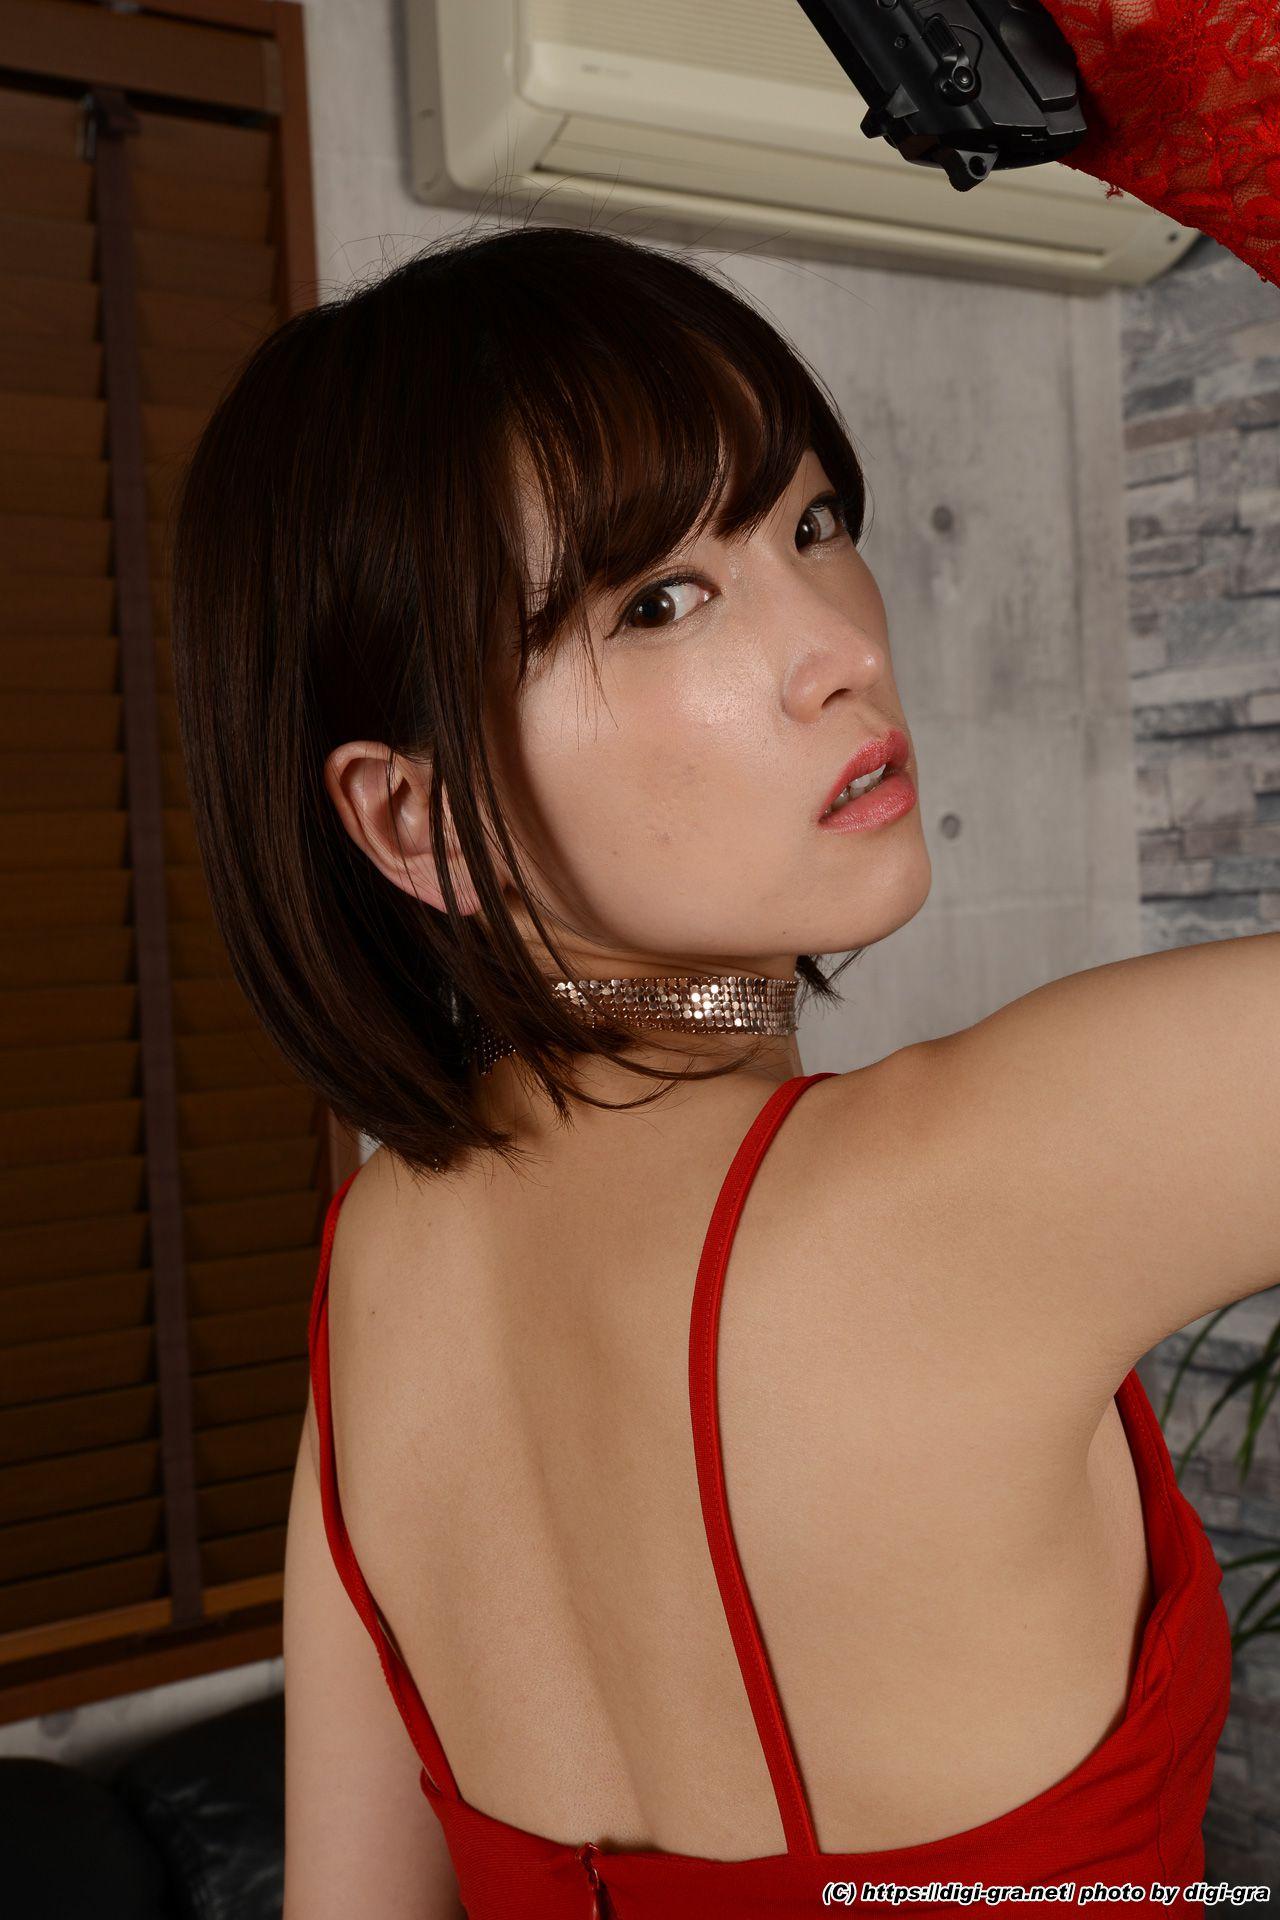 [Digi-Gra] Ameri Hoshi 星亚爱梨插图(10)